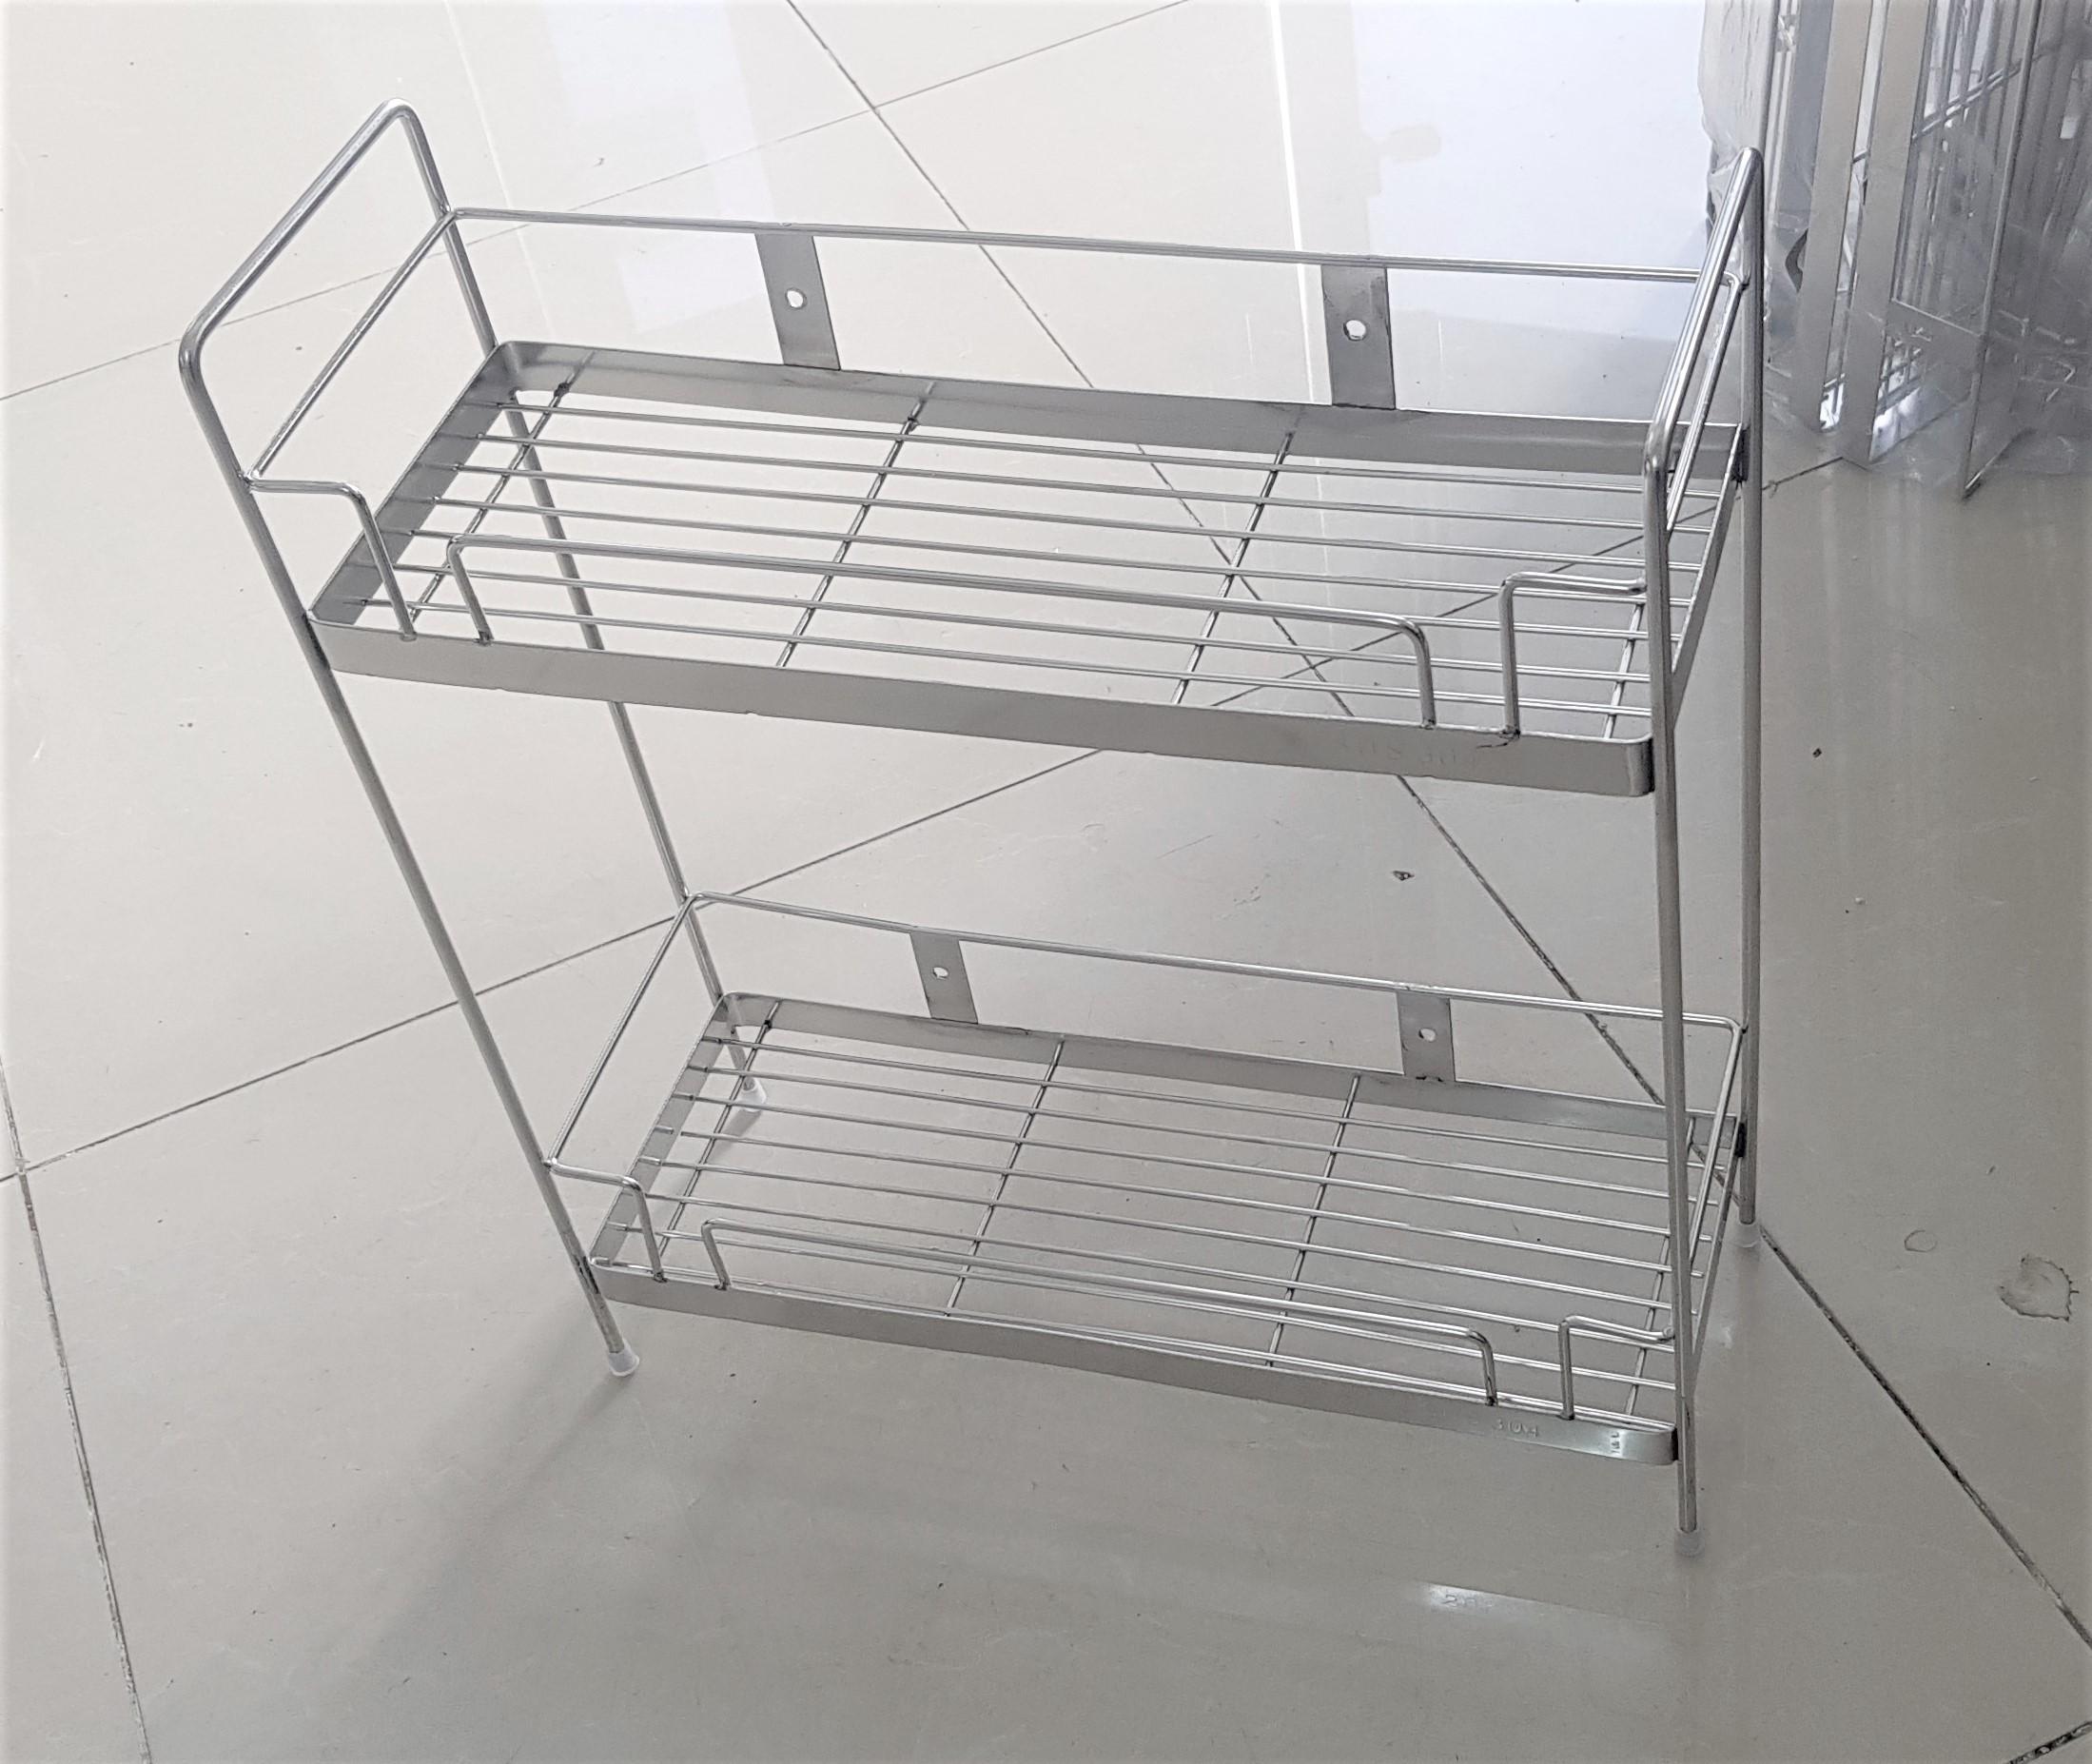 Kệ gia vị 2 tầng đứng - INOX 304 - 14 x 40cm